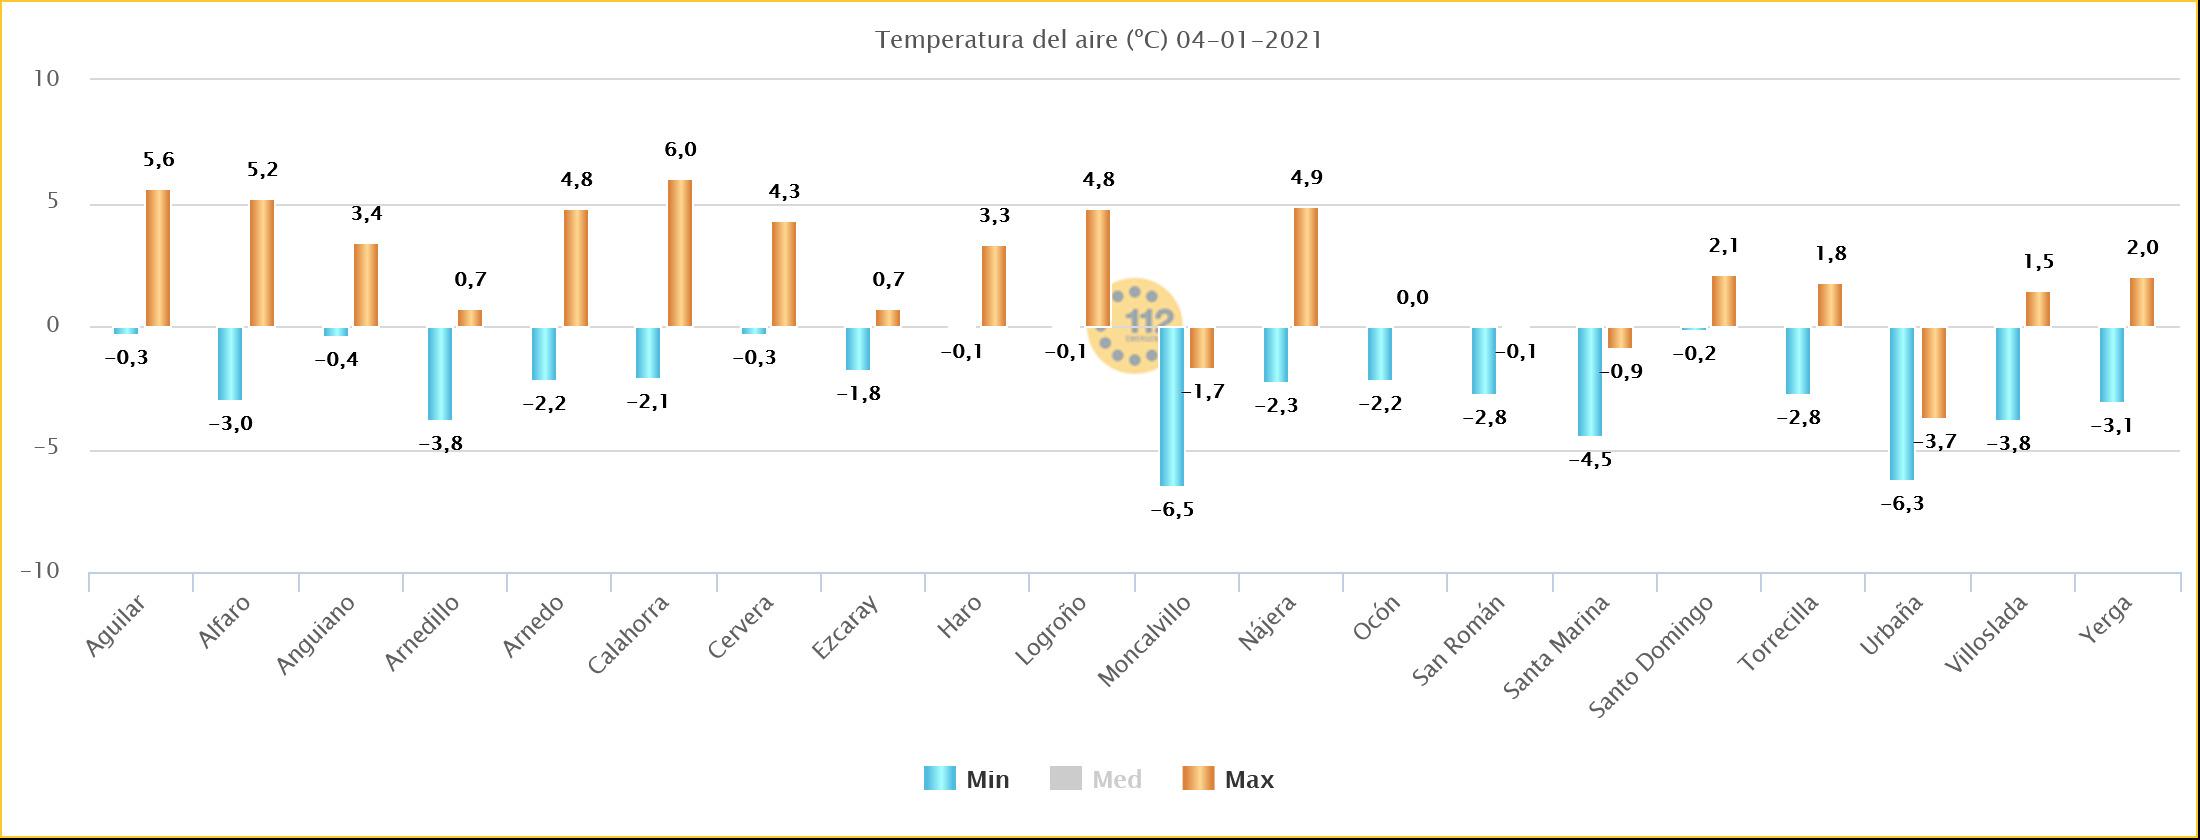 Temperaturas Máximas y Mínimasa Estaciones de SOS Rioja